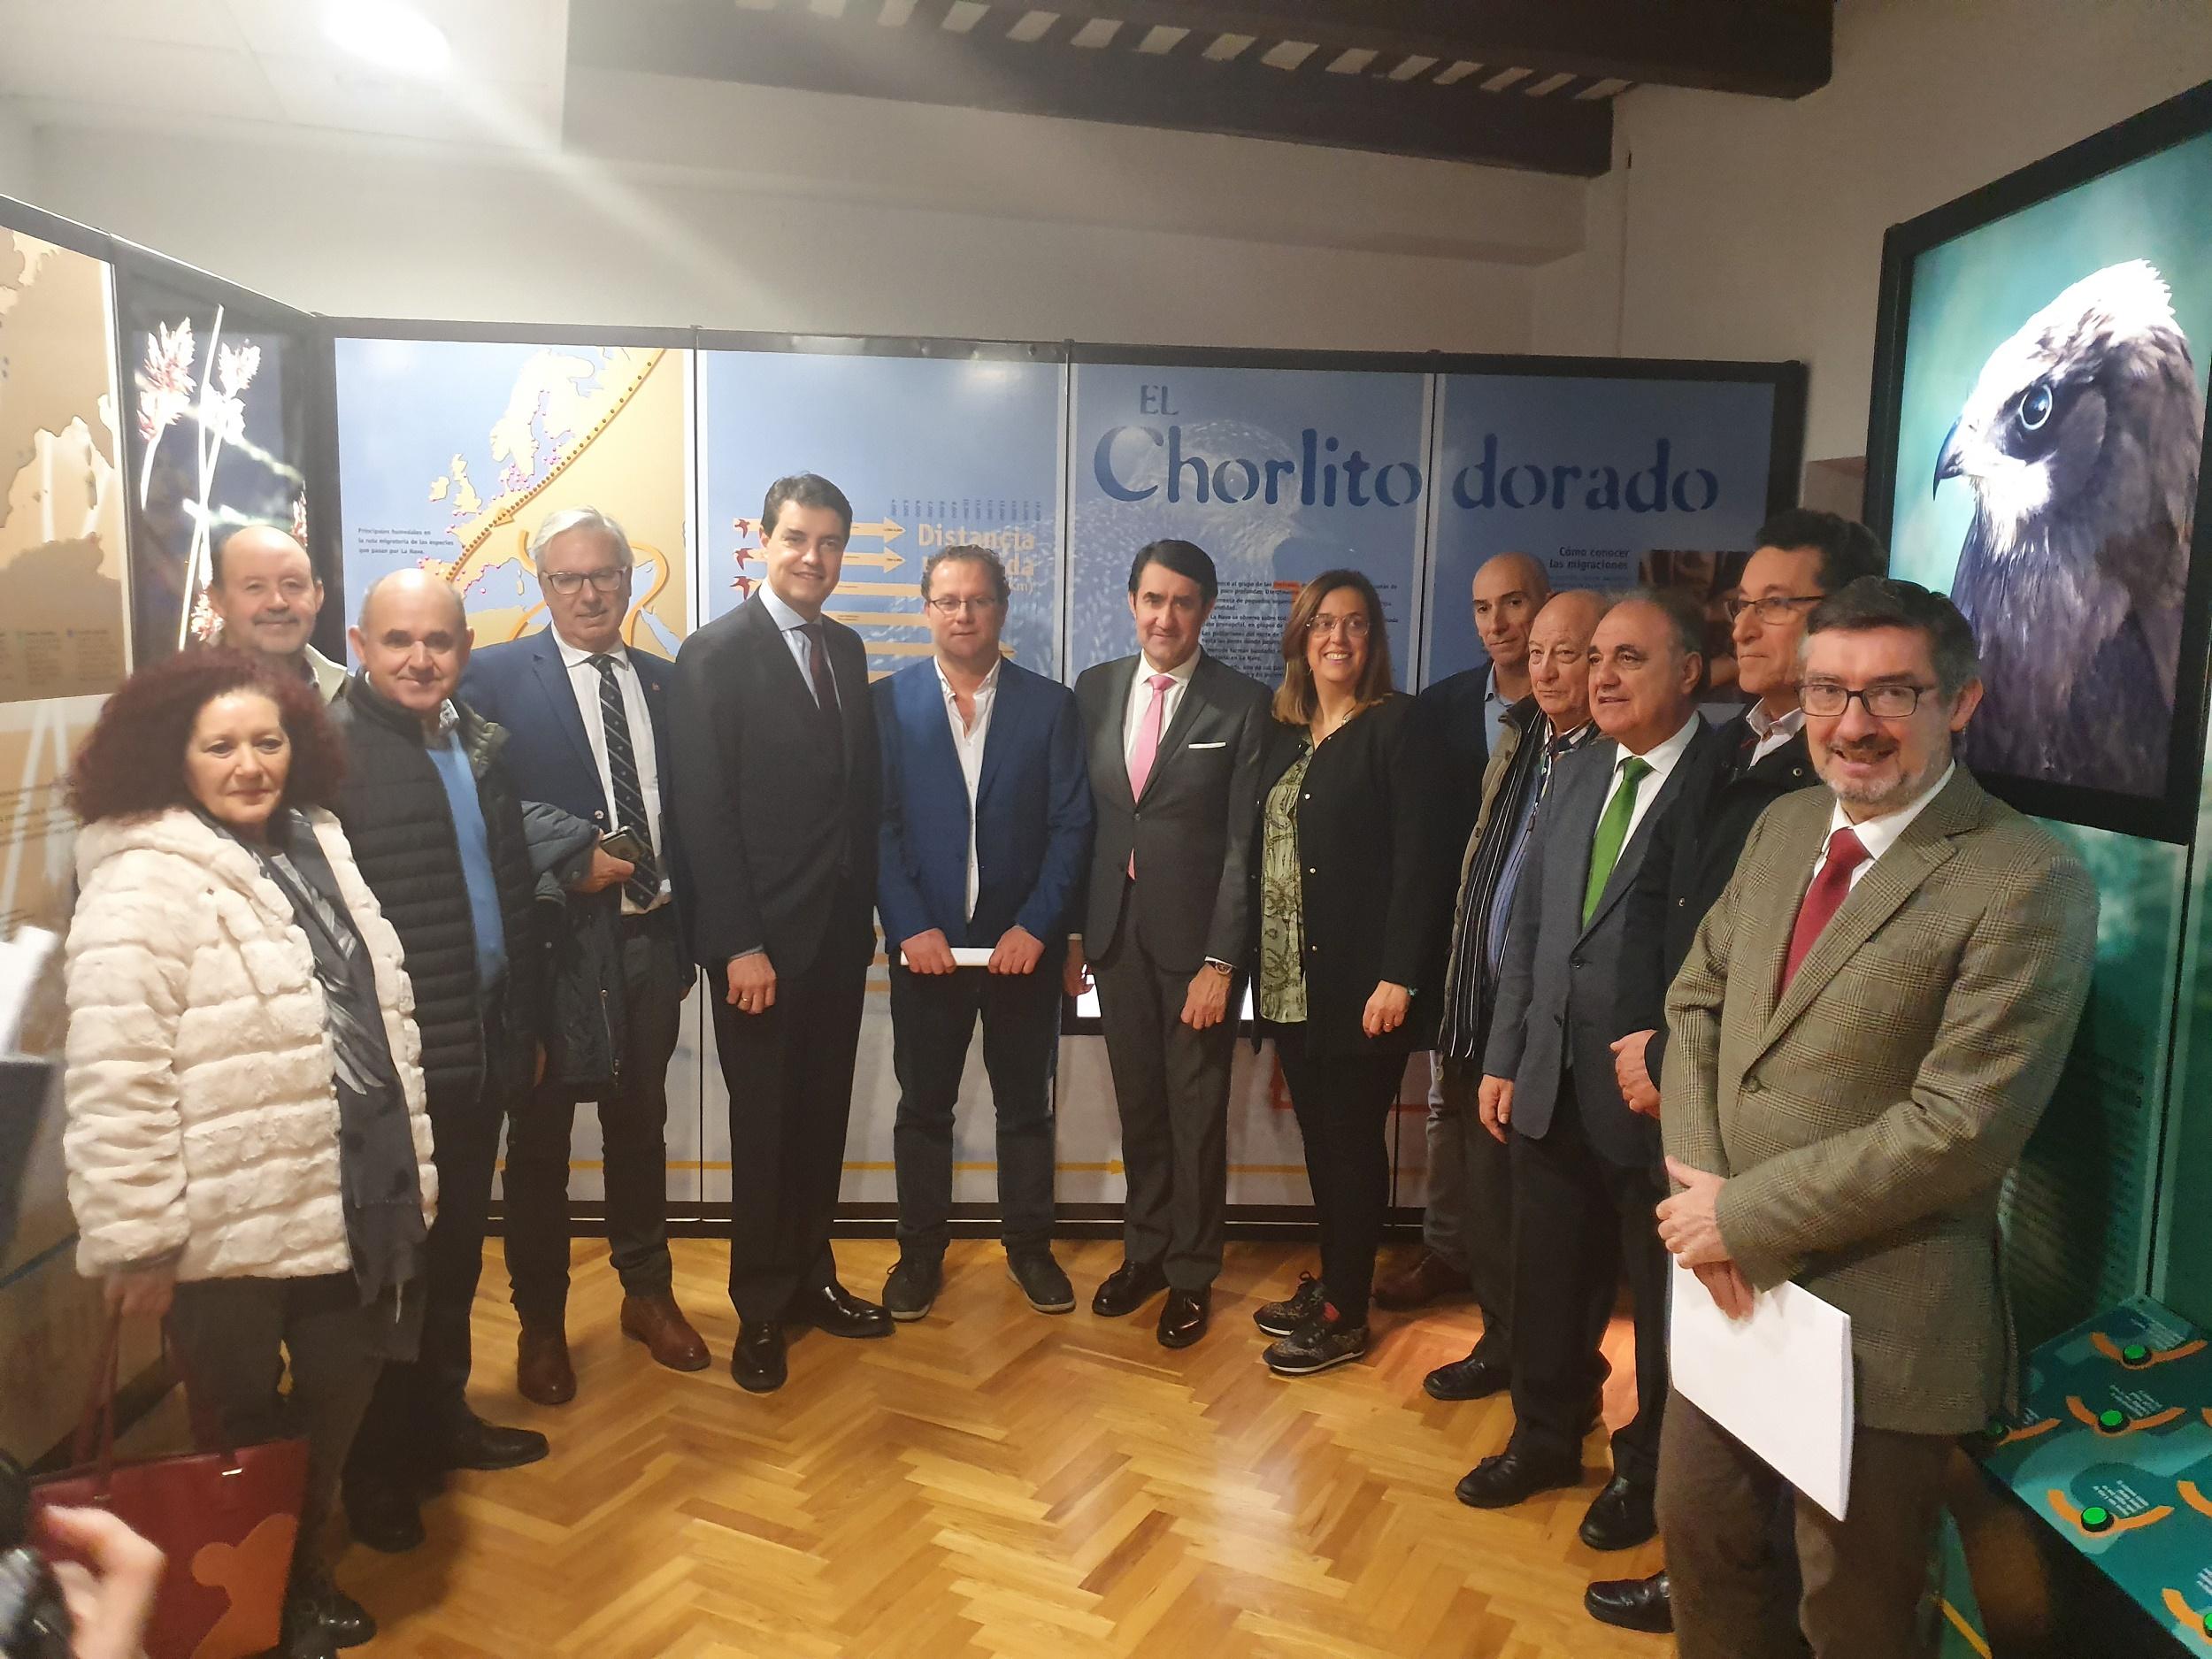 La Junta firma tres convenios de colaboración con las entidades locales y agropecuarias para la adecuada gestión ambiental del  humedal de La Nava en su treinta aniversario